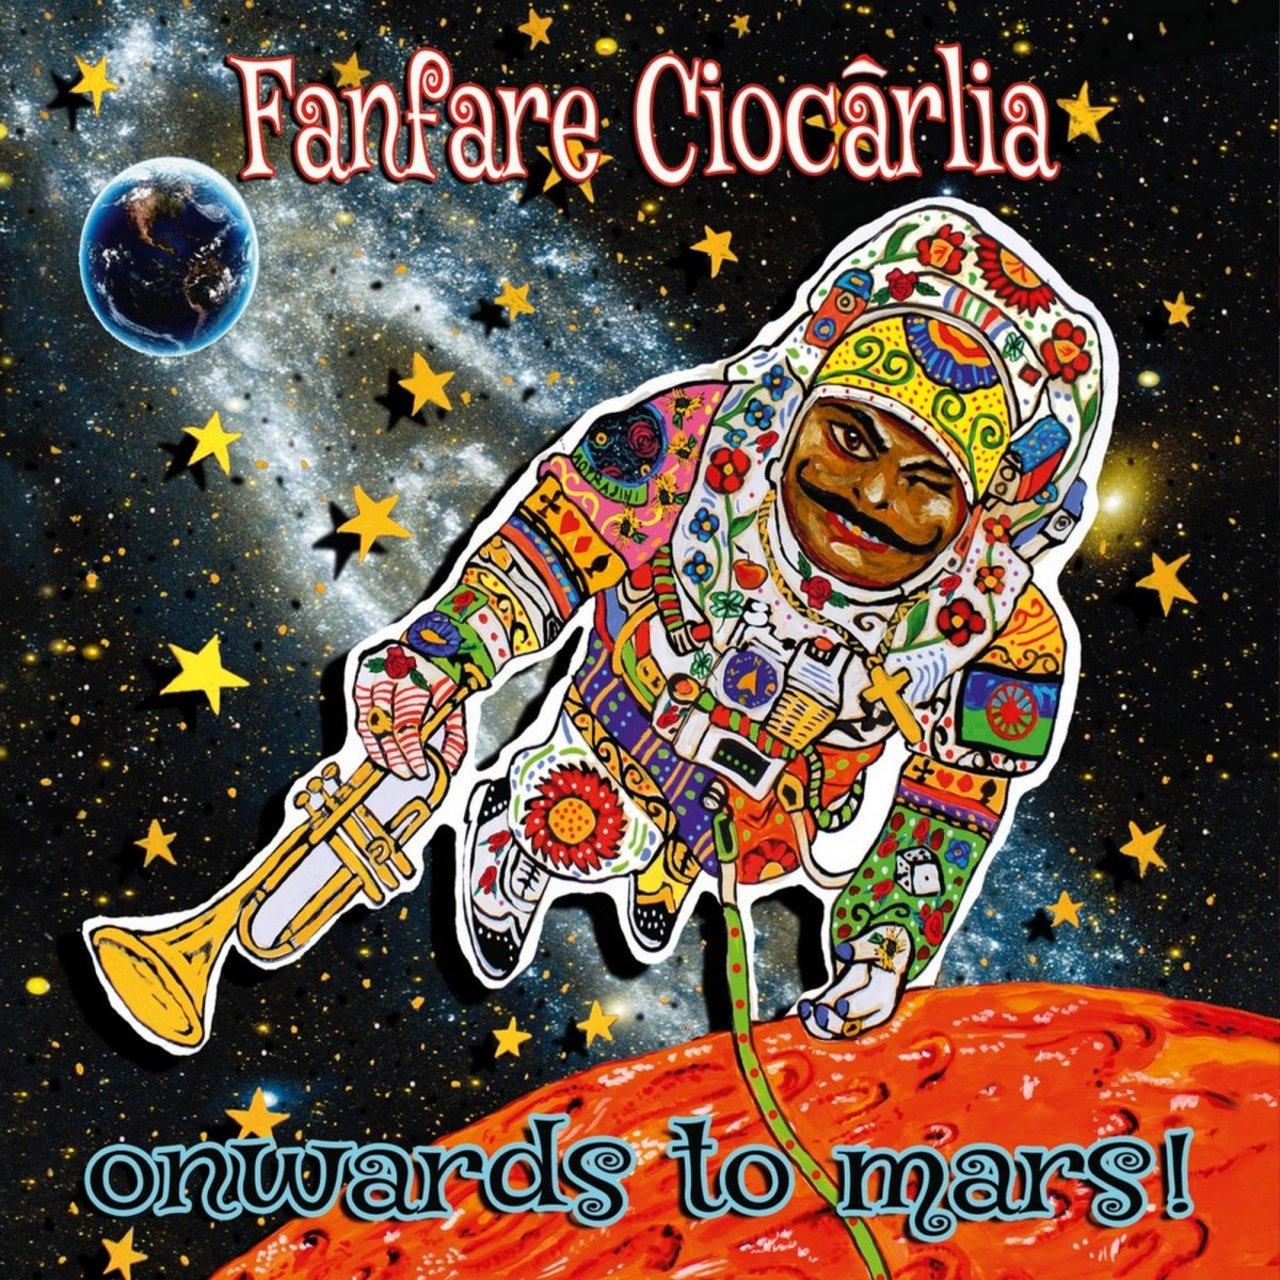 Fanfara cover